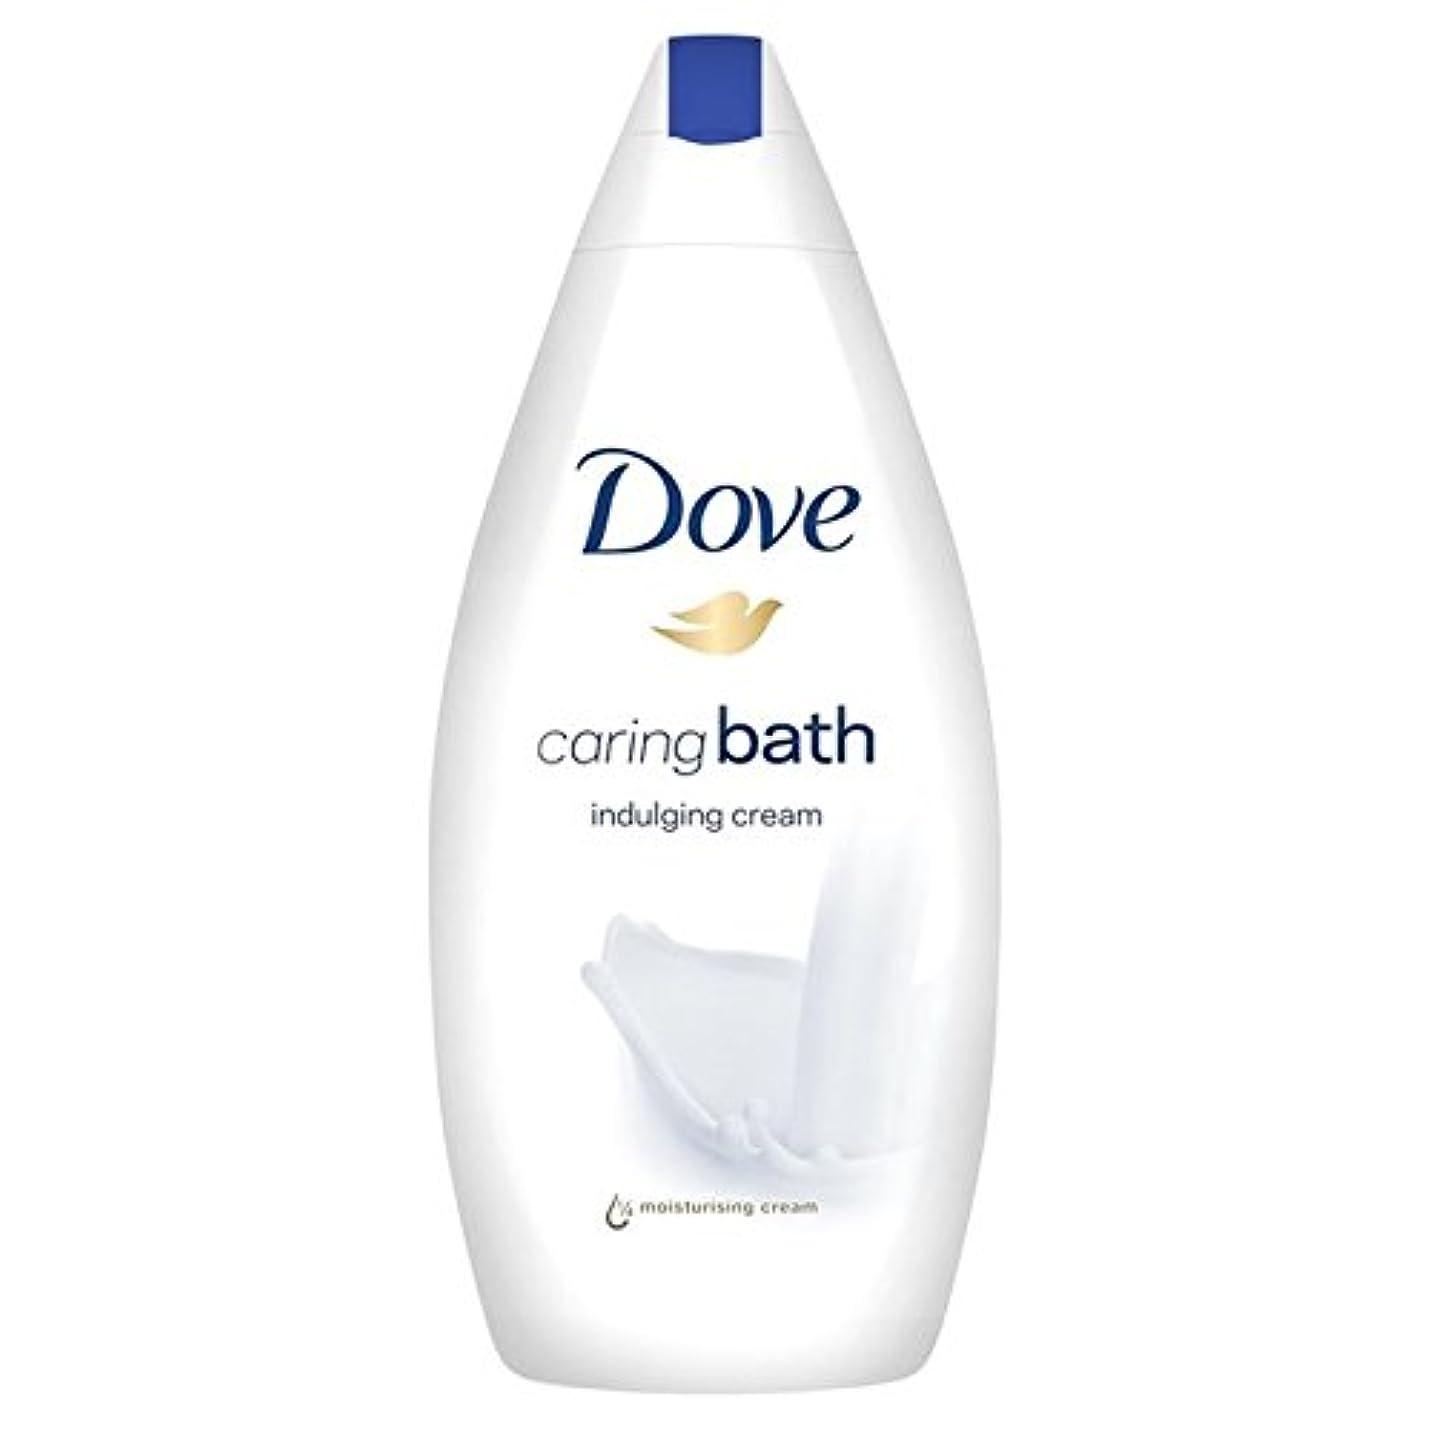 放映暗殺者ウィスキーDove Indulging Caring Bath 500ml - 思いやりのバス500ミリリットルをふける鳩 [並行輸入品]